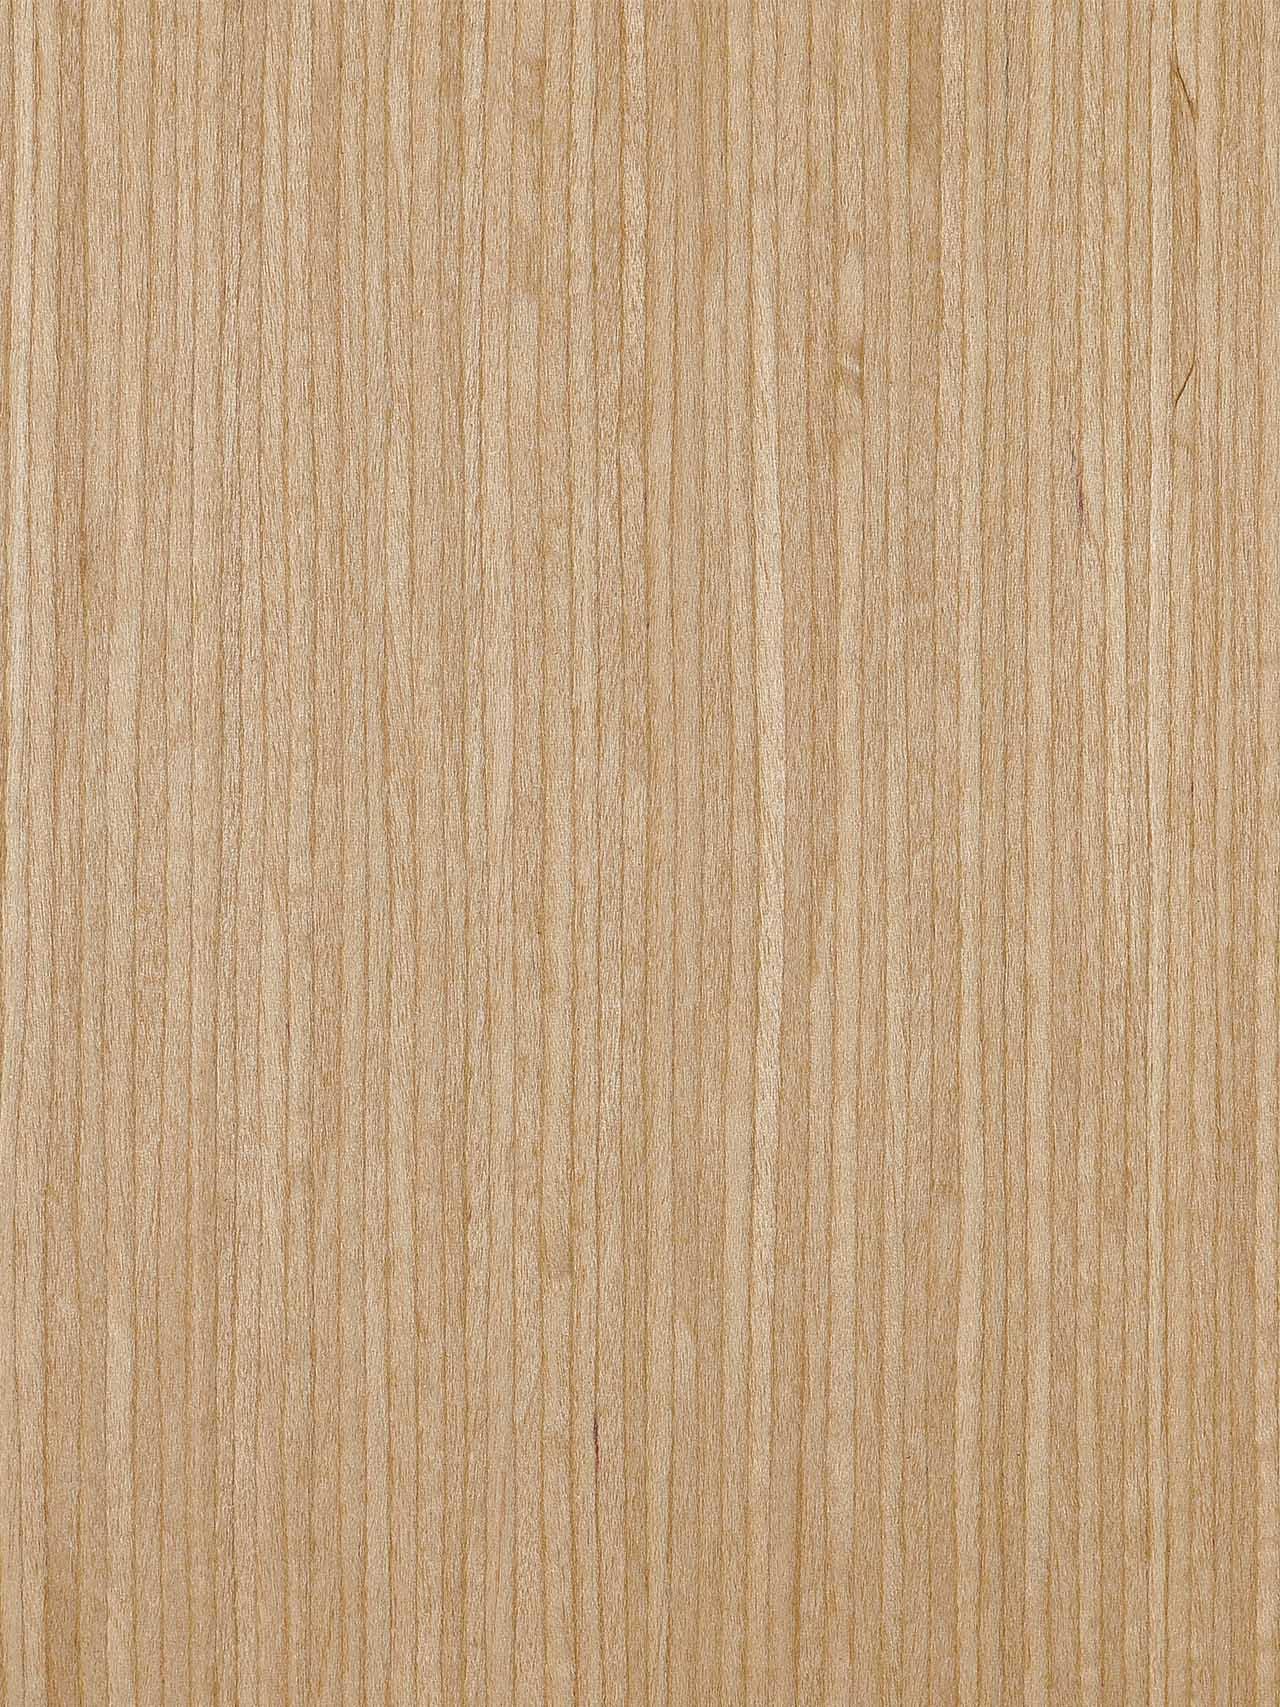 Panel Chapa Cerezo Prefabricado Mallado Losán